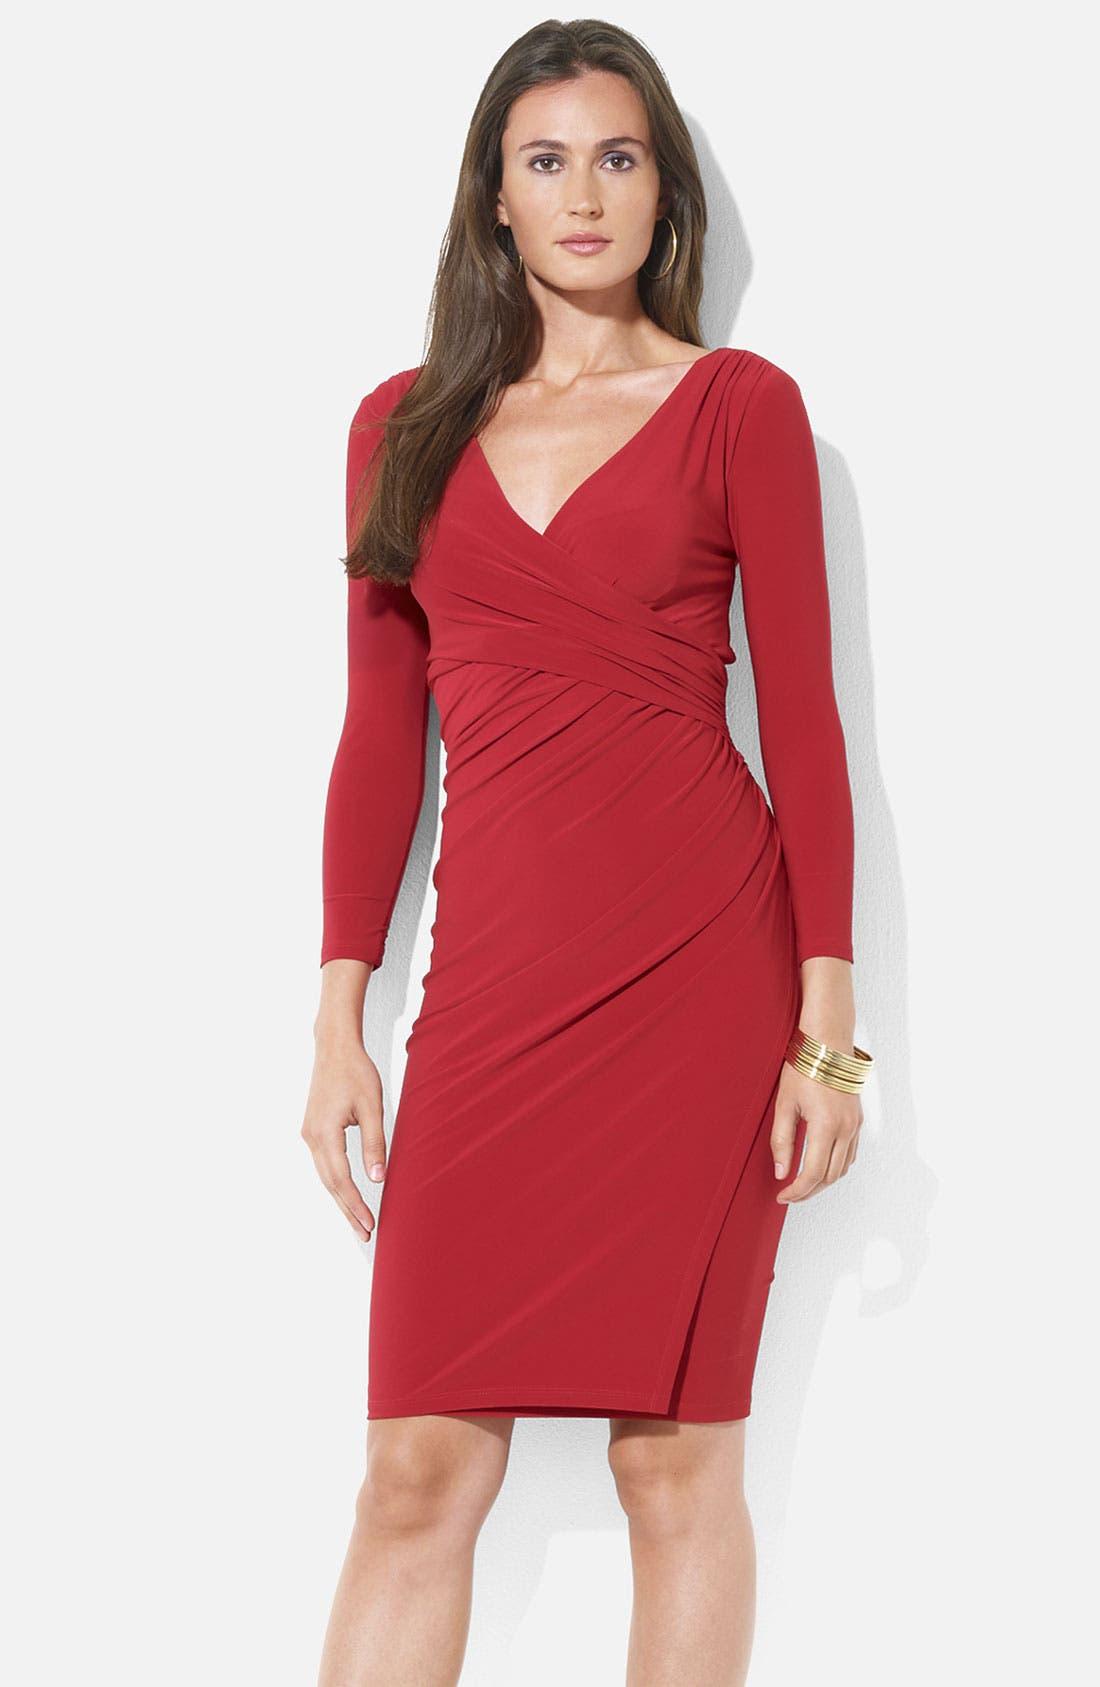 Alternate Image 1 Selected - Lauren Ralph Lauren Ruched Surplice Jersey Sheath Dress (Petite)